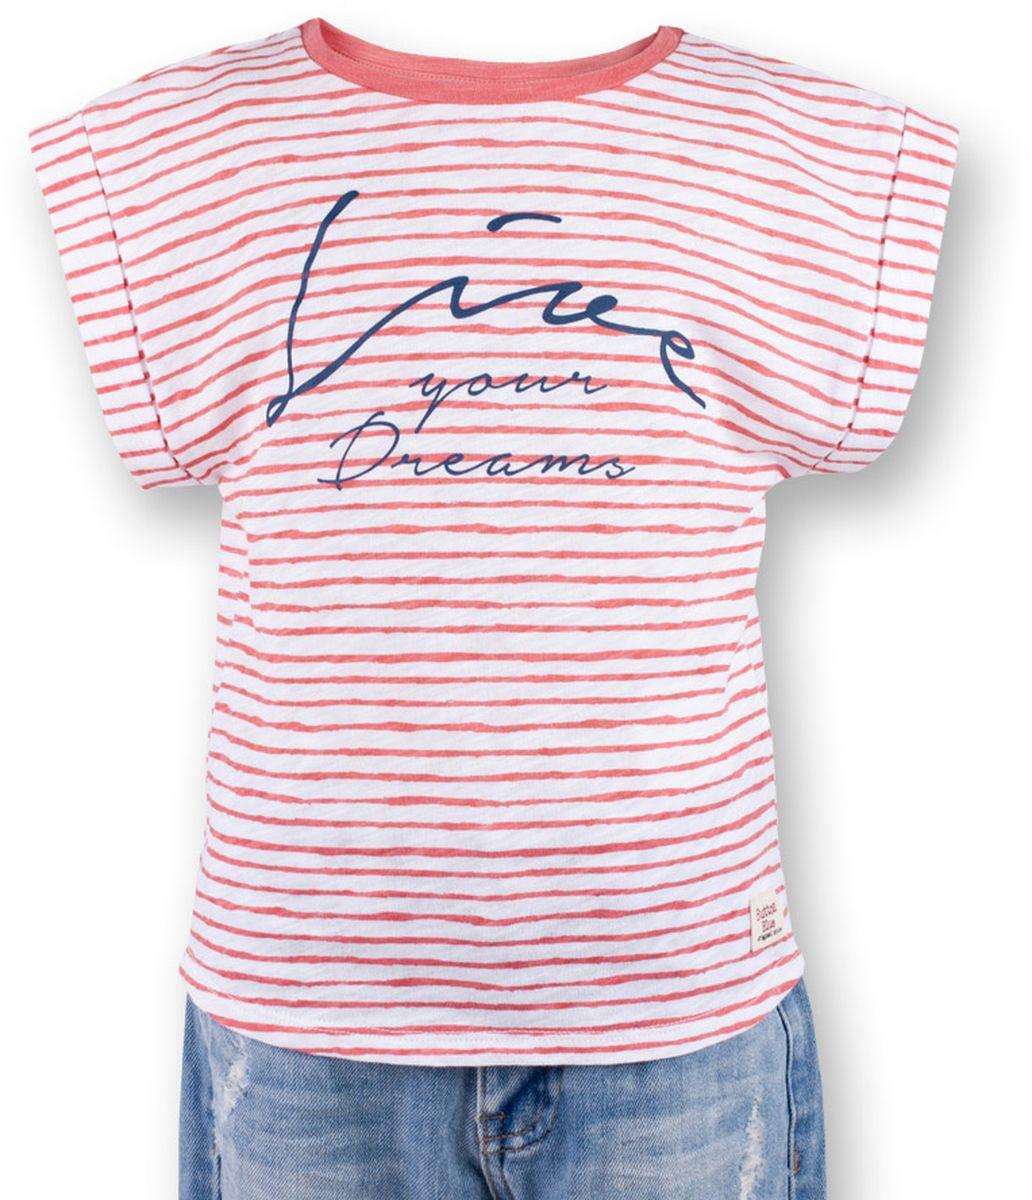 Футболка для девочки Button Blue Main, цвет: коралловый. 117BBGC12022205. Размер 104, 4 года117BBGC12022205Полосатая футболка - не только базовая вещь в гардеробе ребенка, но и залог хорошего летнего настроения. Если вы решили купить футболку для девочки, выберете модель футболки в полоску с оригинальным принтом, и ваш ребенок будет доволен.